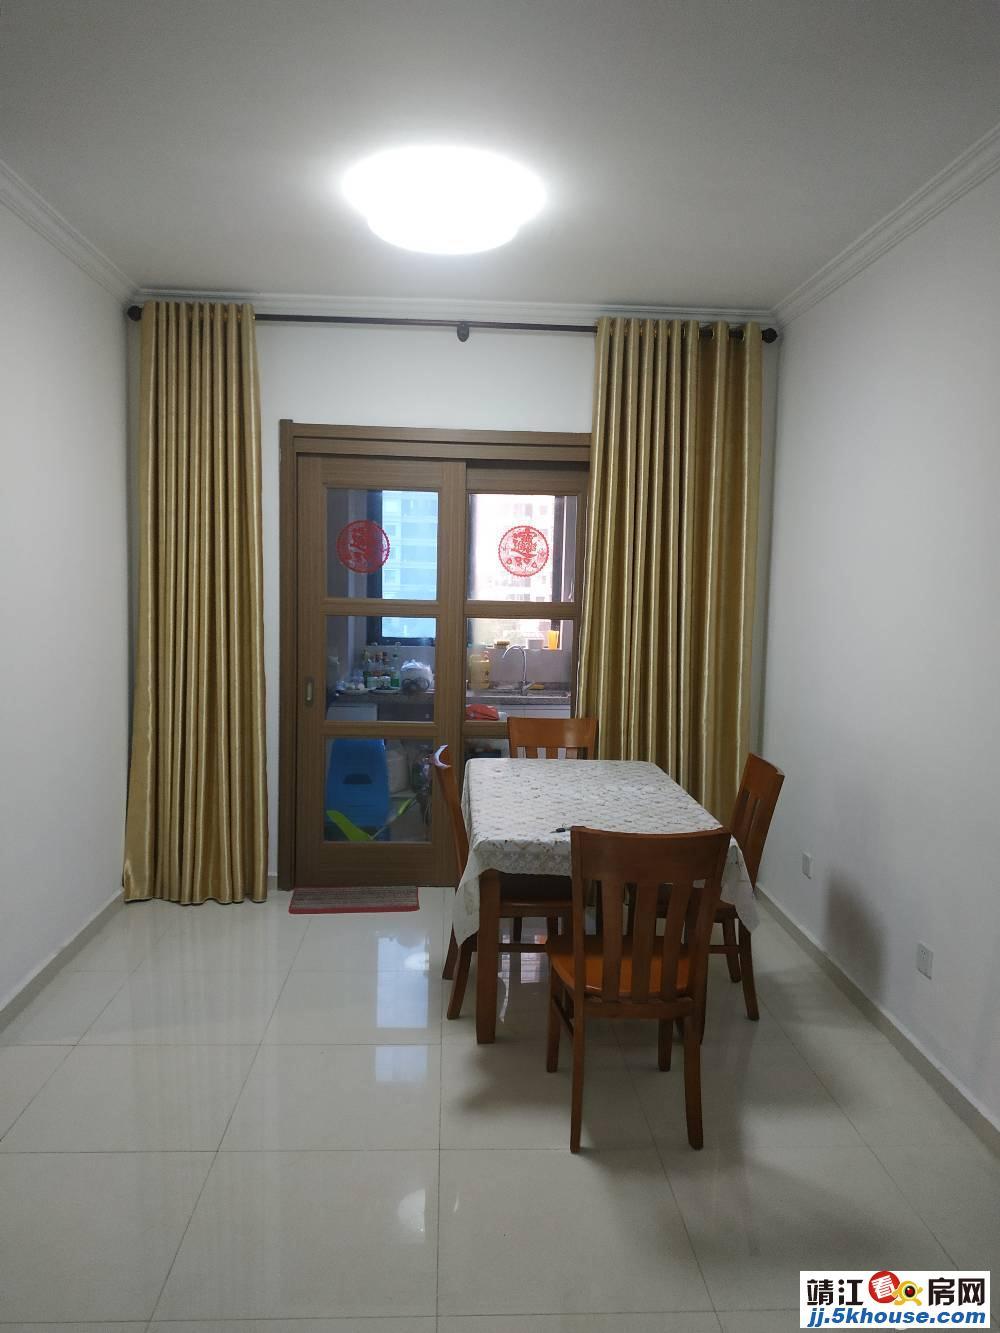 碧桂园三室江景套房 滨江学校附近 有学位 环境优美 出行方便